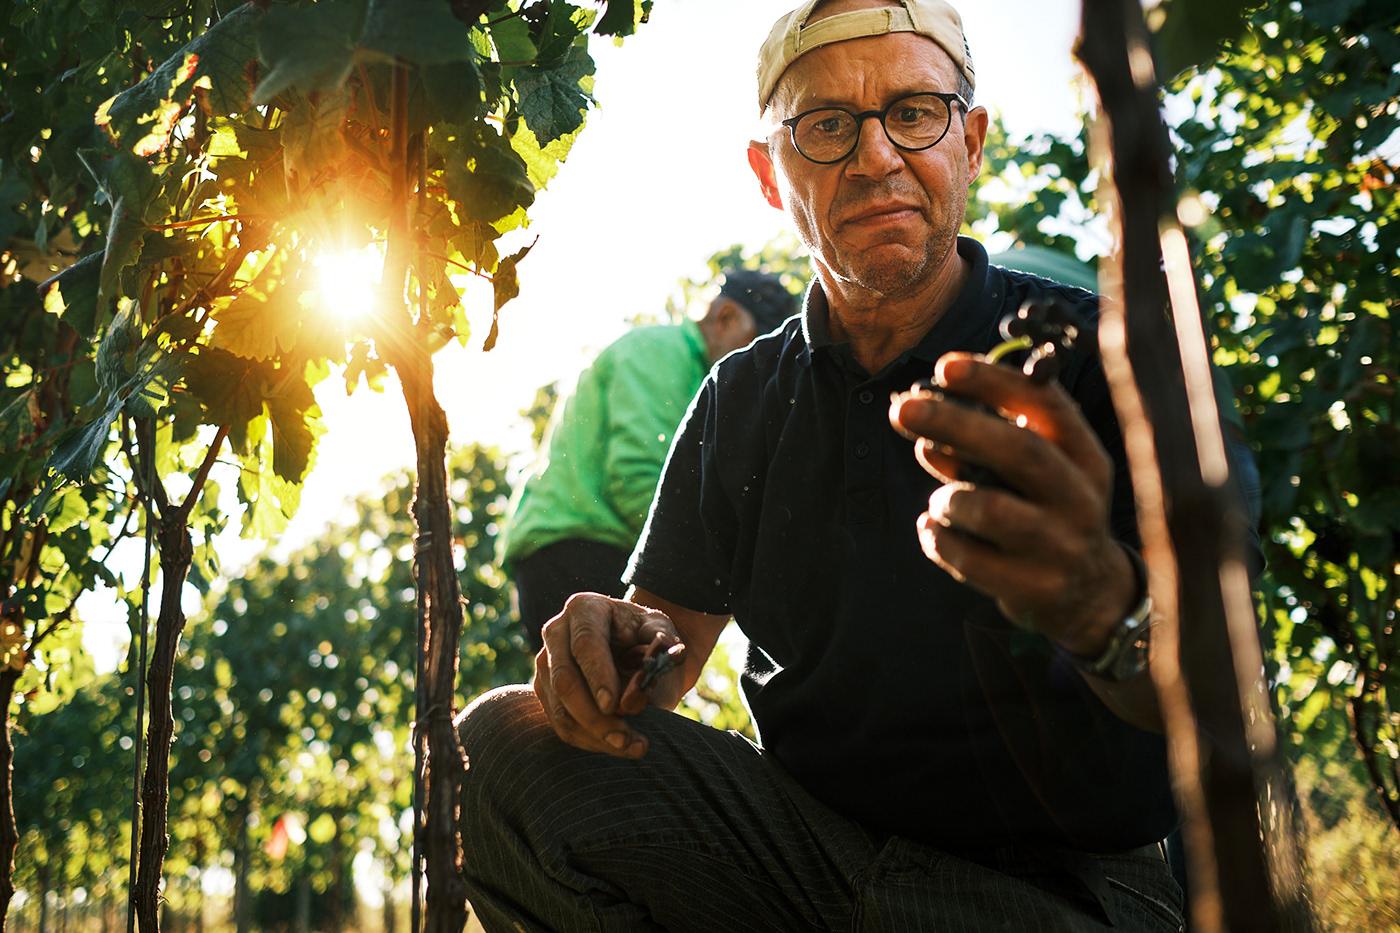 Esslingen Fotoreportage reportage Spätburgunder wein weinlese wine fotografie Photography